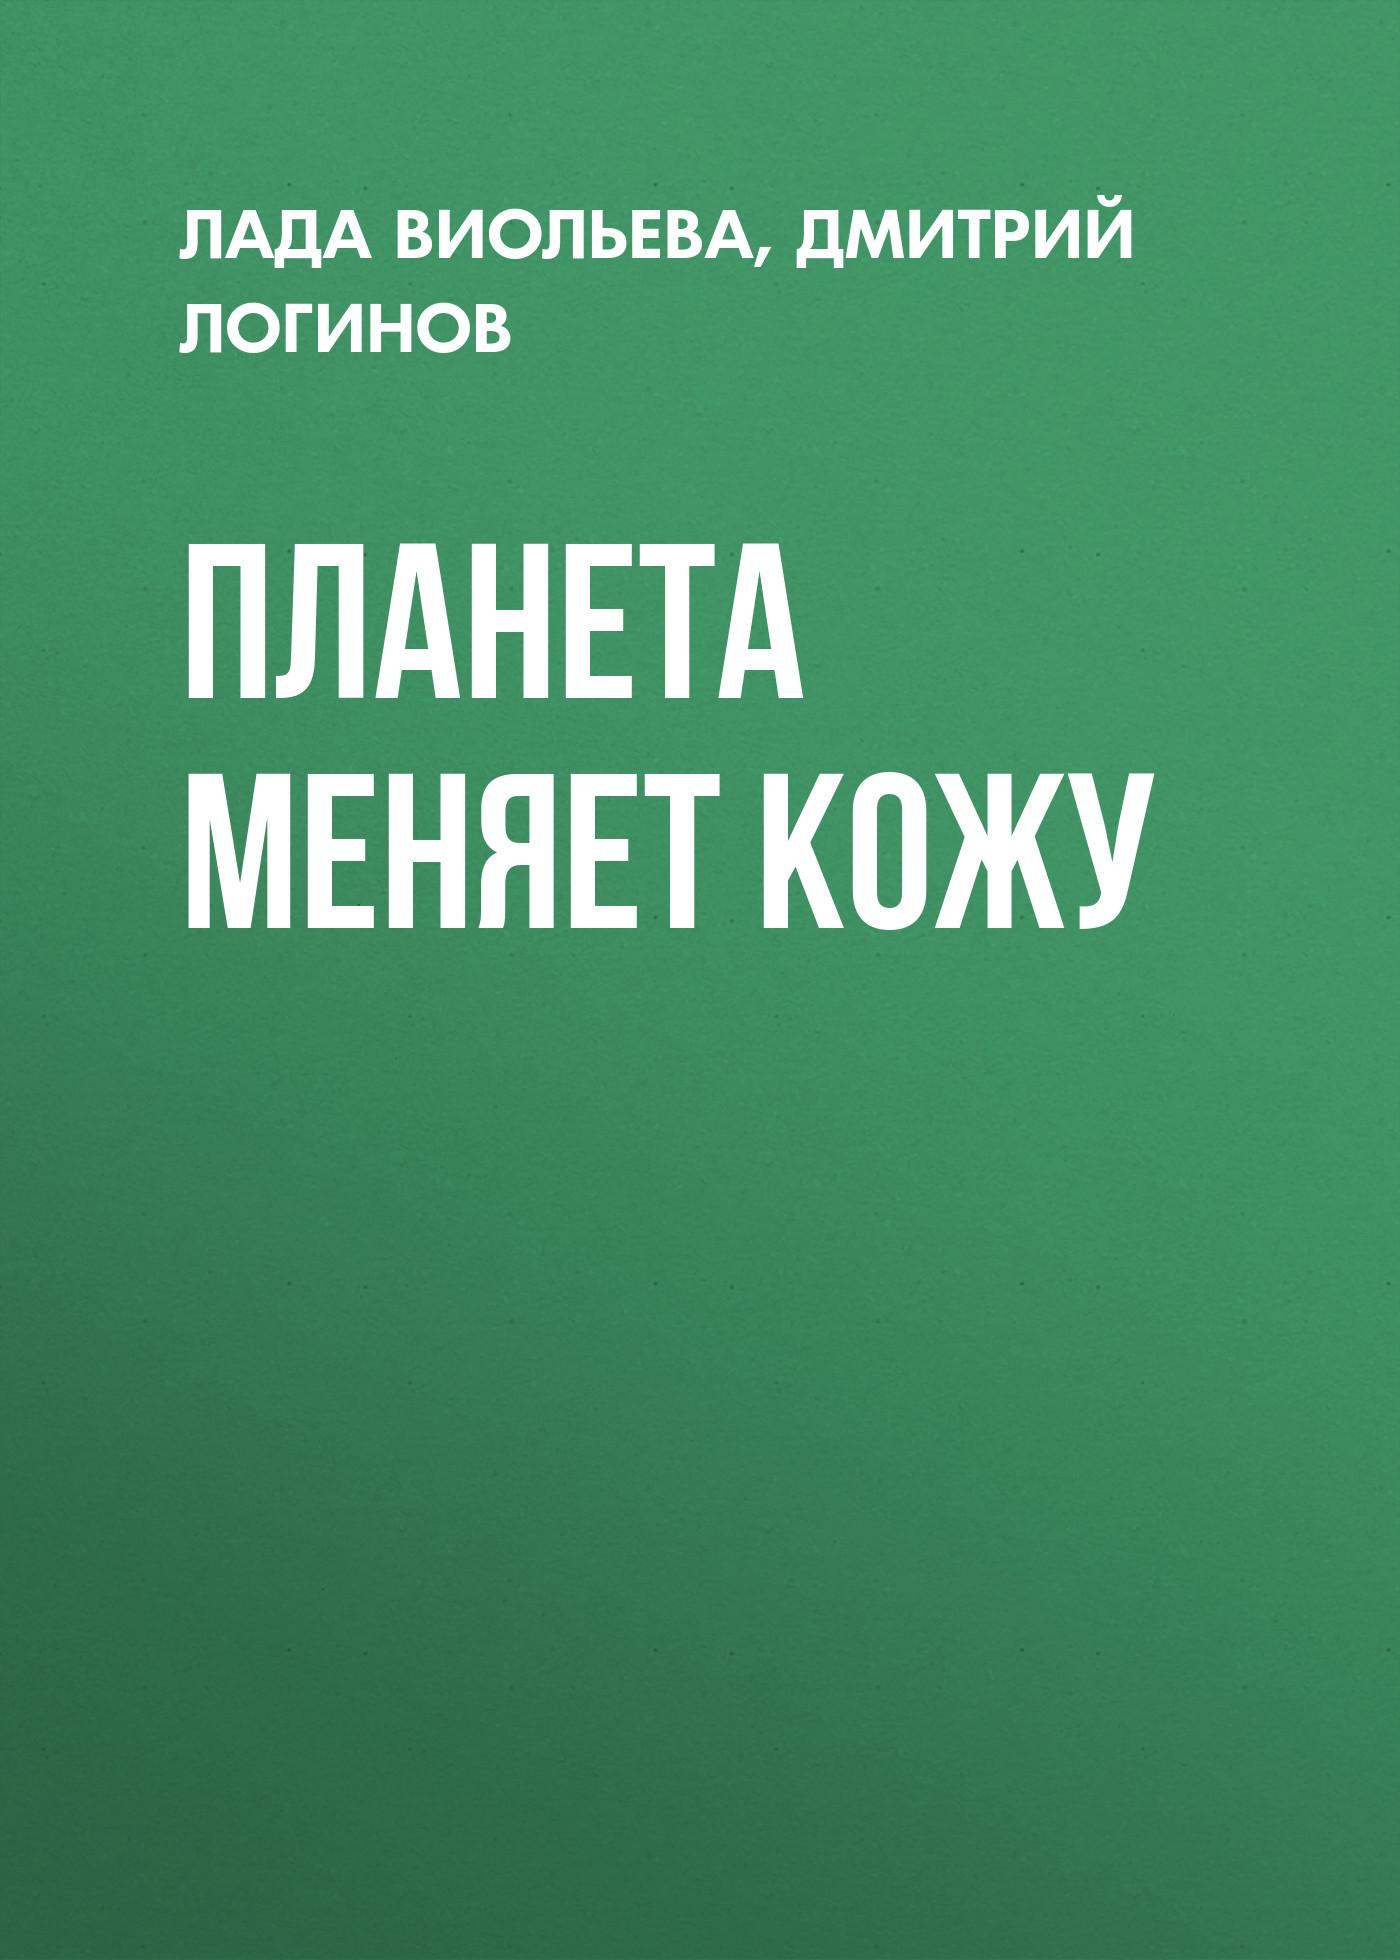 Дмитрий Логинов Планета меняет кожу дмитрий логинов свидетель сотворения мира